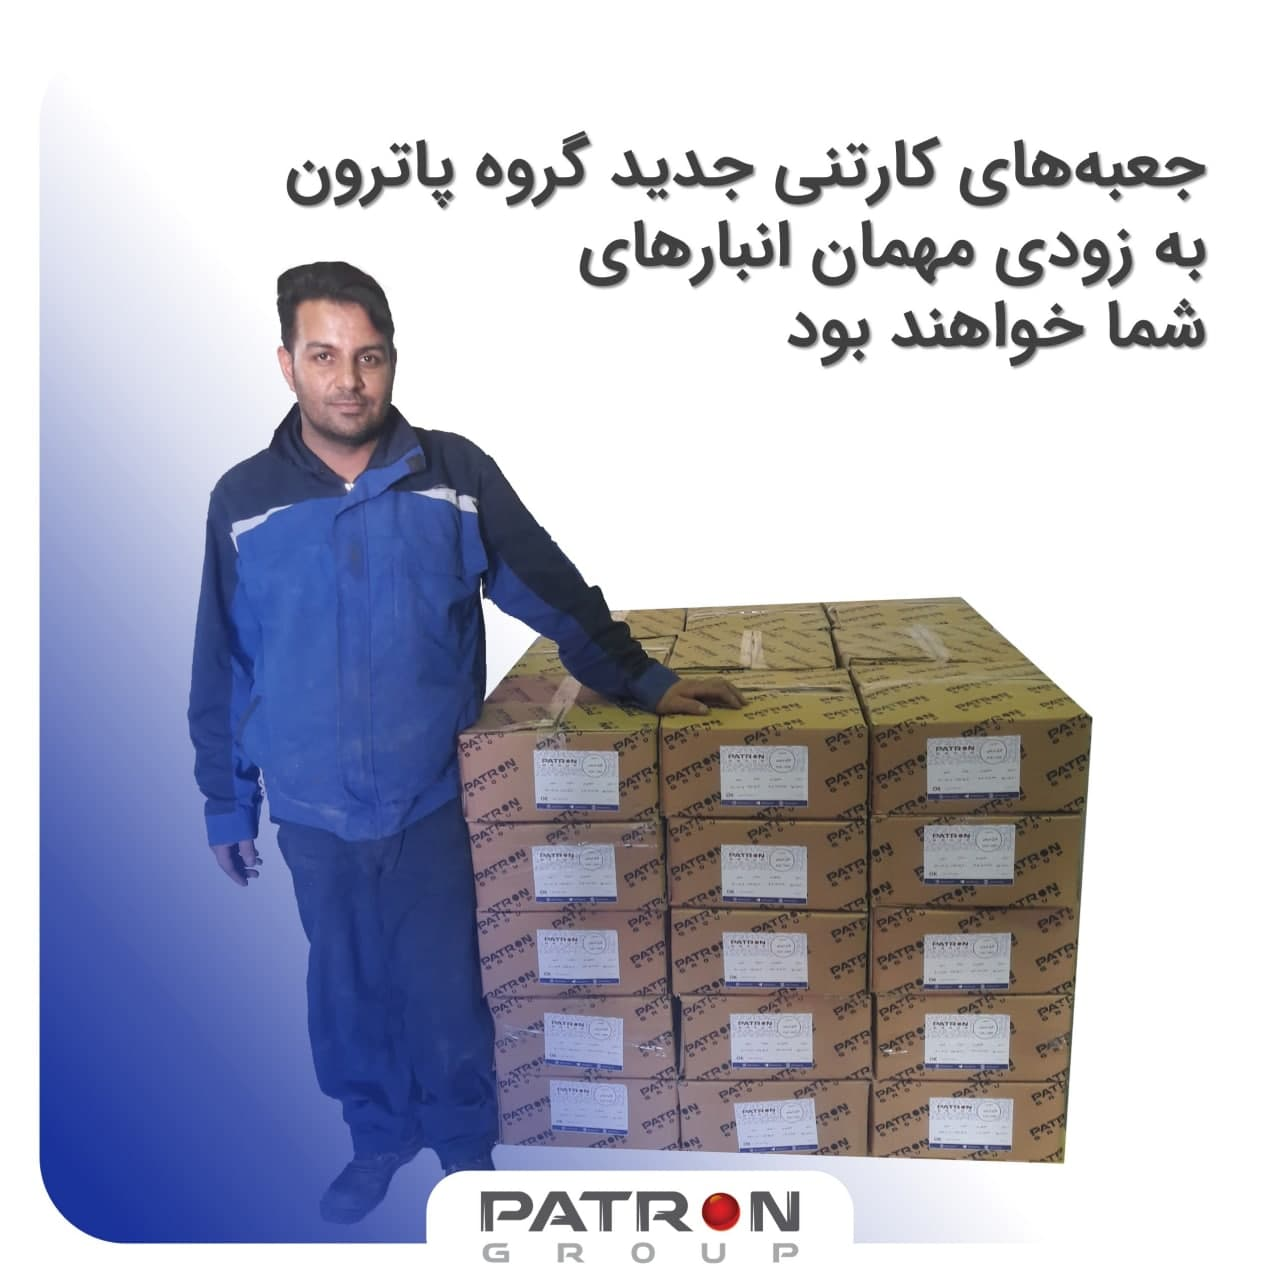 جعبه های کارتنی جدید گروه پاترون